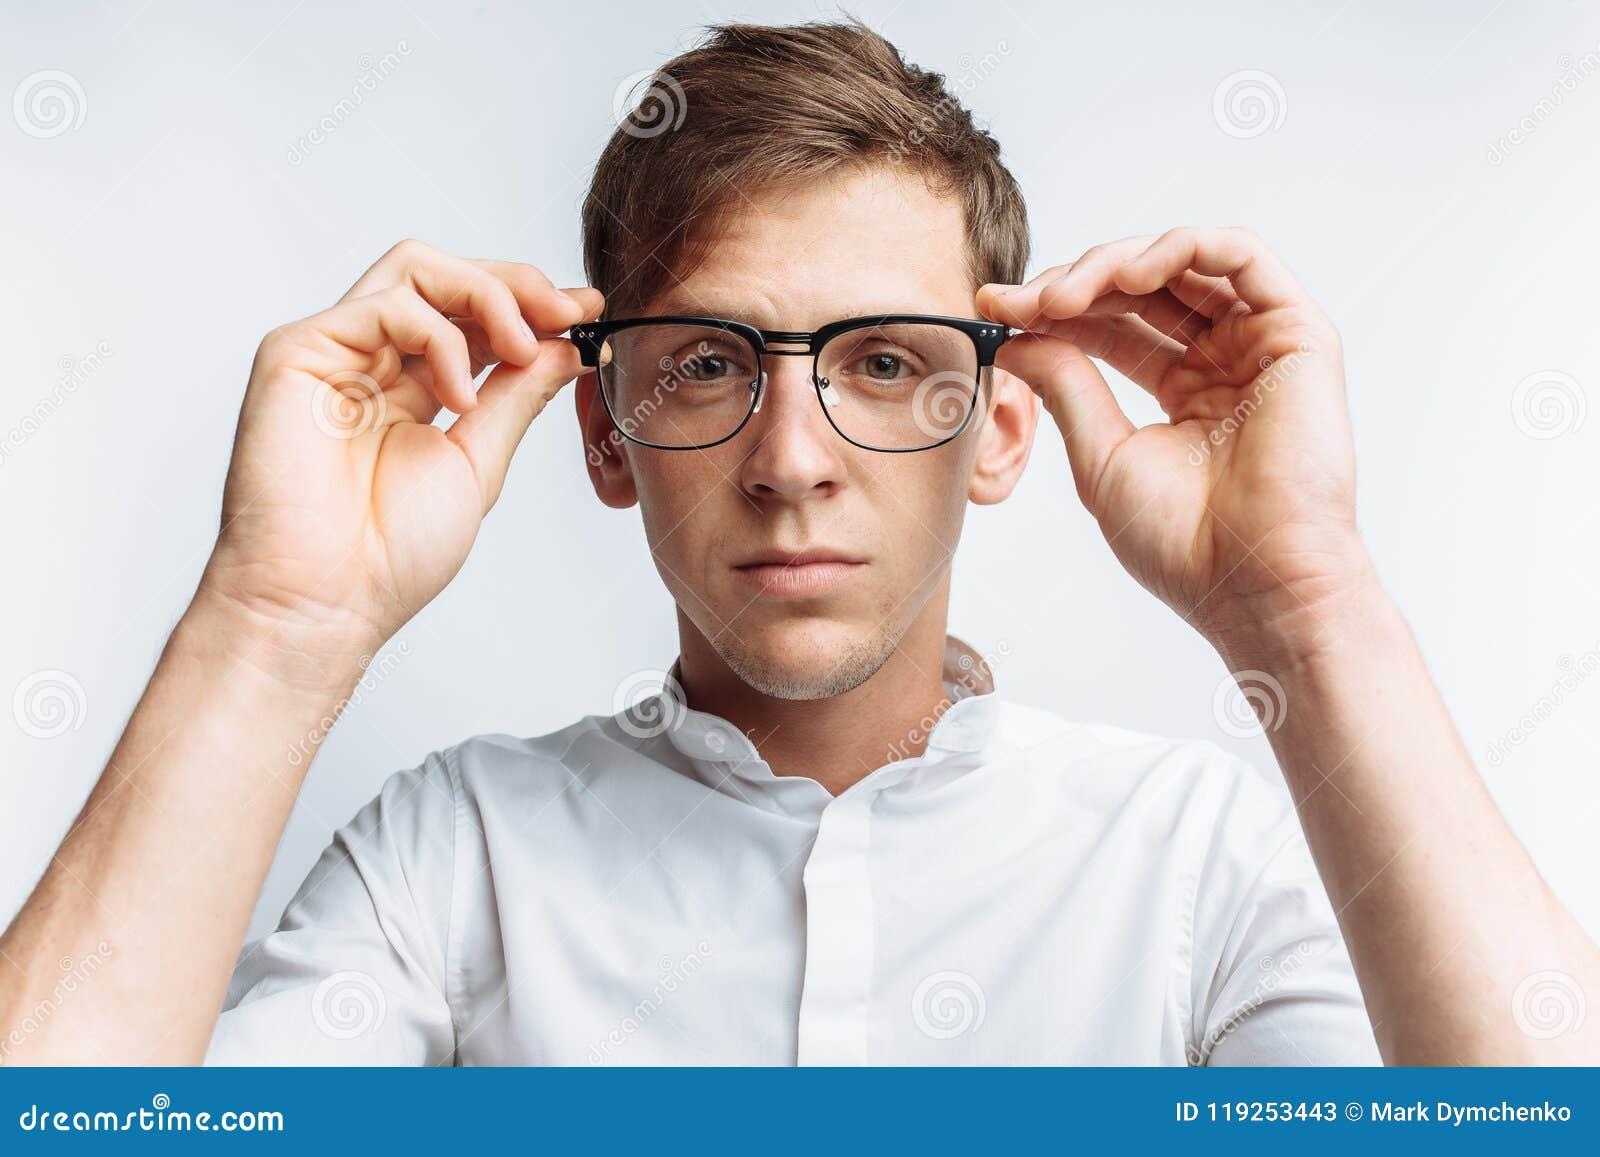 Πορτρέτο του νέου ελκυστικού τύπου στα γυαλιά, στο άσπρο πουκάμισο, που απομονώνεται στο άσπρο υπόβαθρο, για τη διαφήμιση, την ει